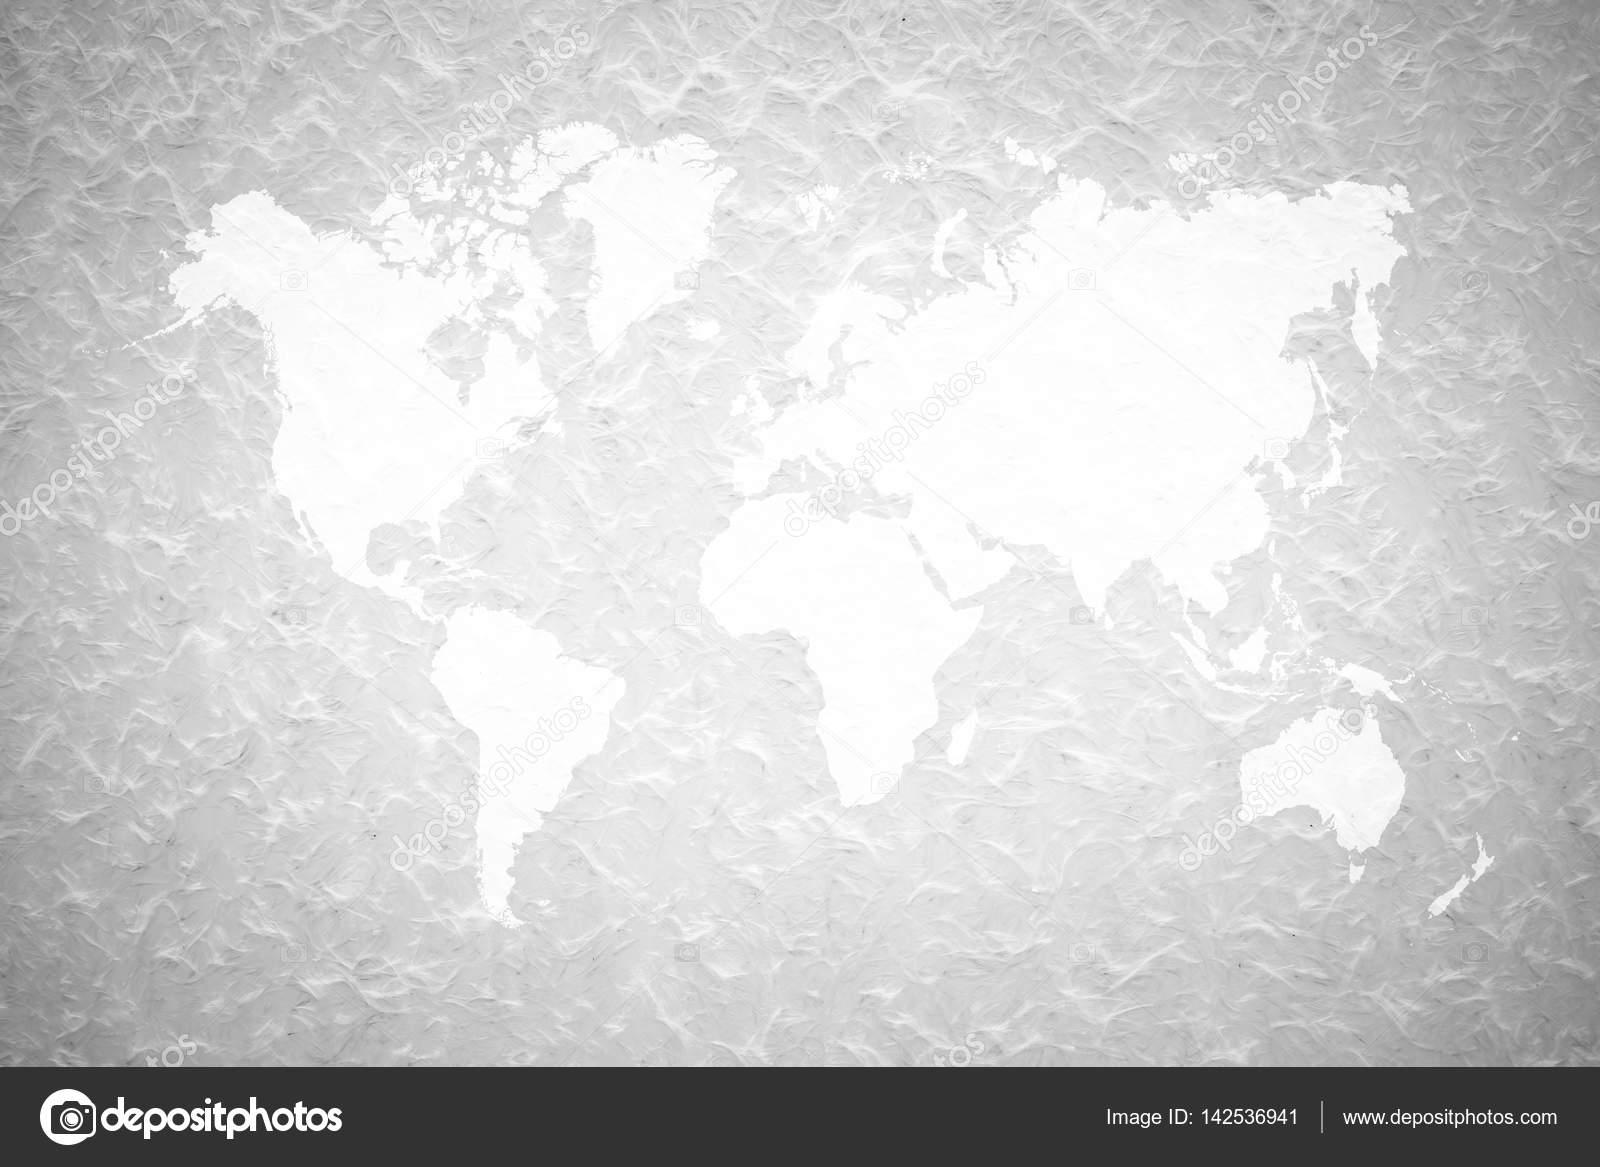 Awesome Wand Textur Hintergrund Prozess In Weißer Farbe Mit Weltkarte U2014 Stockfoto